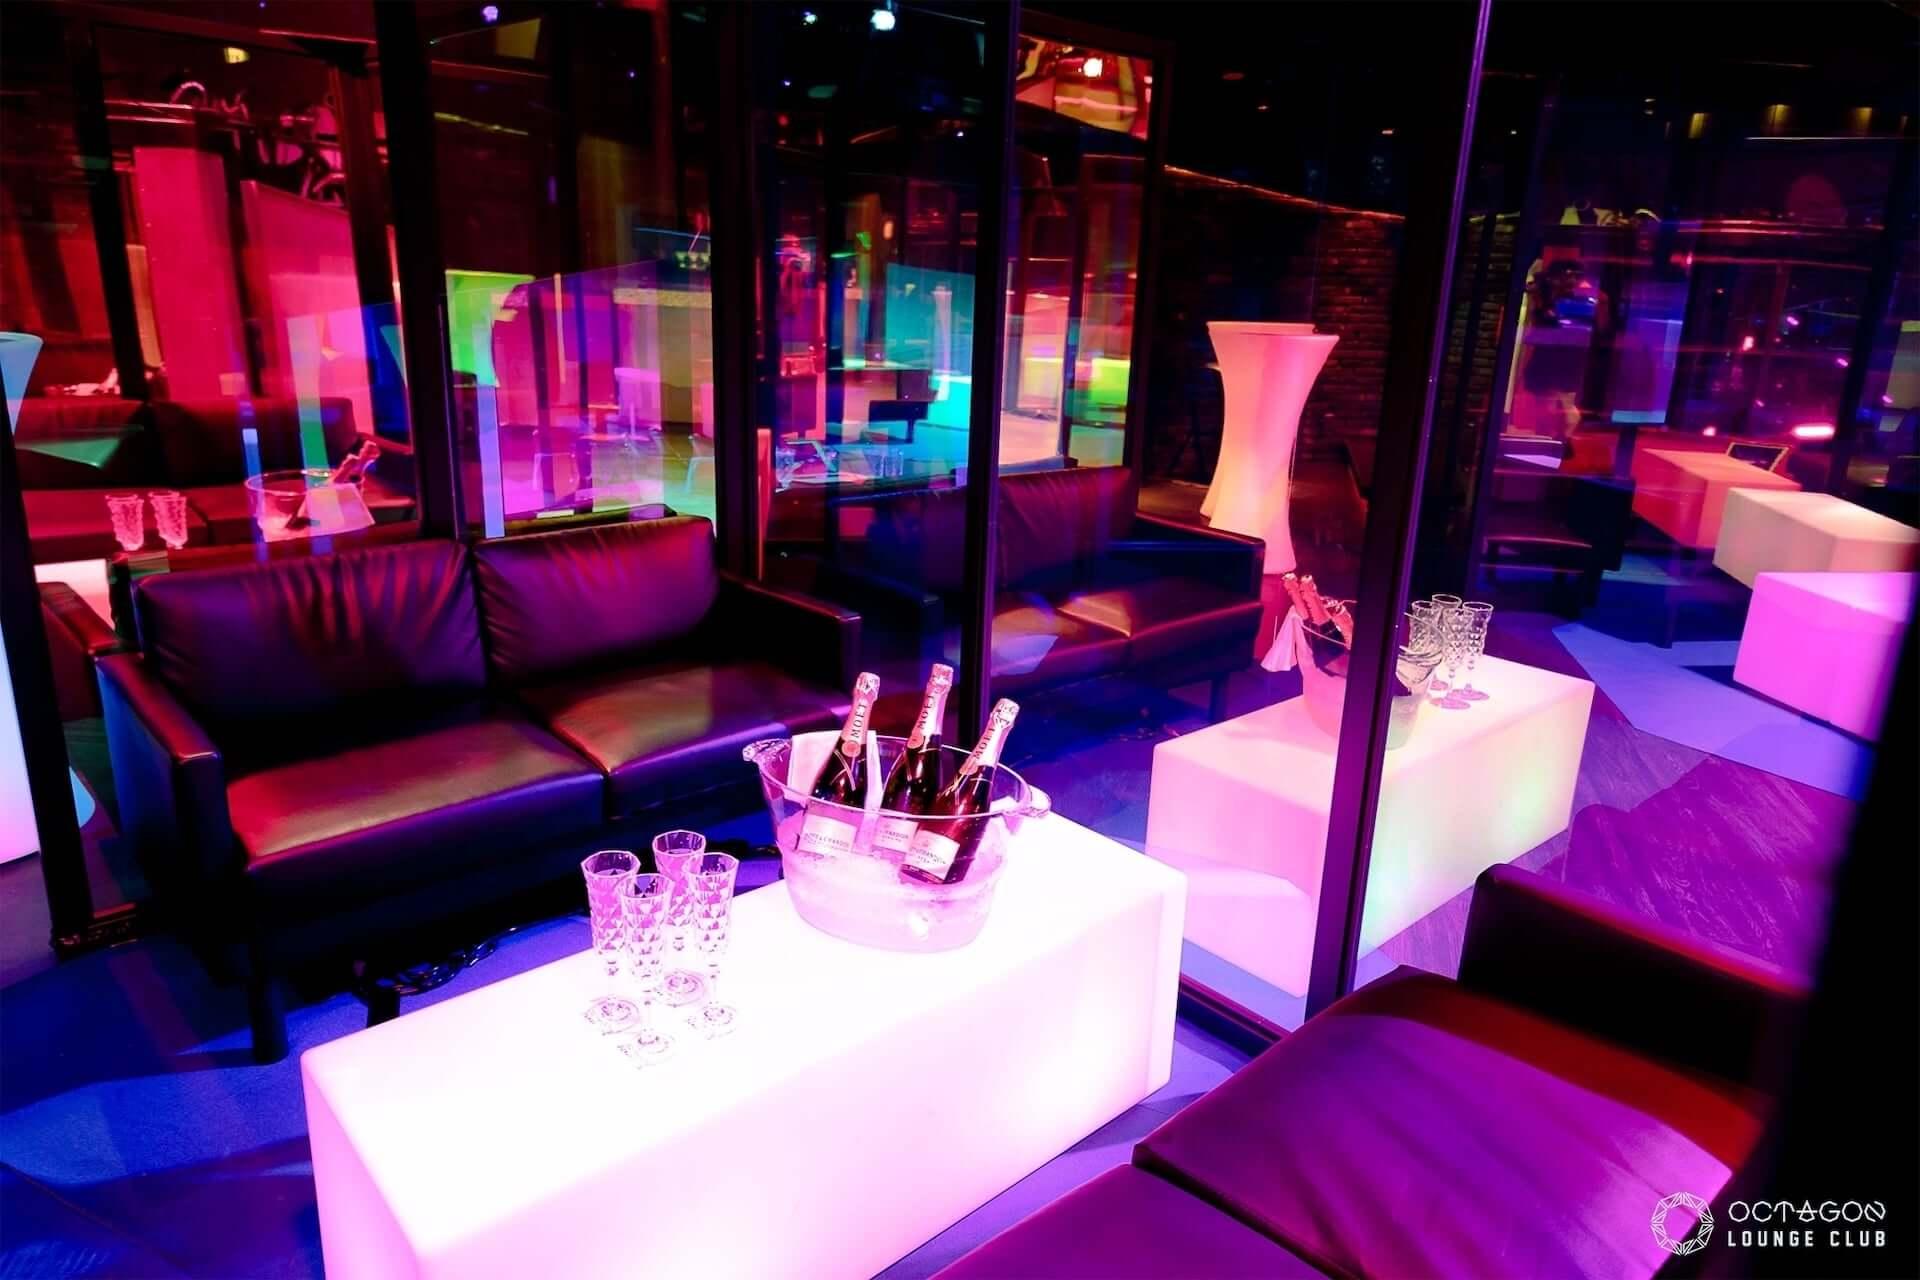 六本木「SEL OCTAGON TOKYO」が日本初のラウンジクラブとしてリニューアルオープン!個室感覚の新たなナイトライフを提案 music201006_sel-octagon-tokyo_4-1920x1280